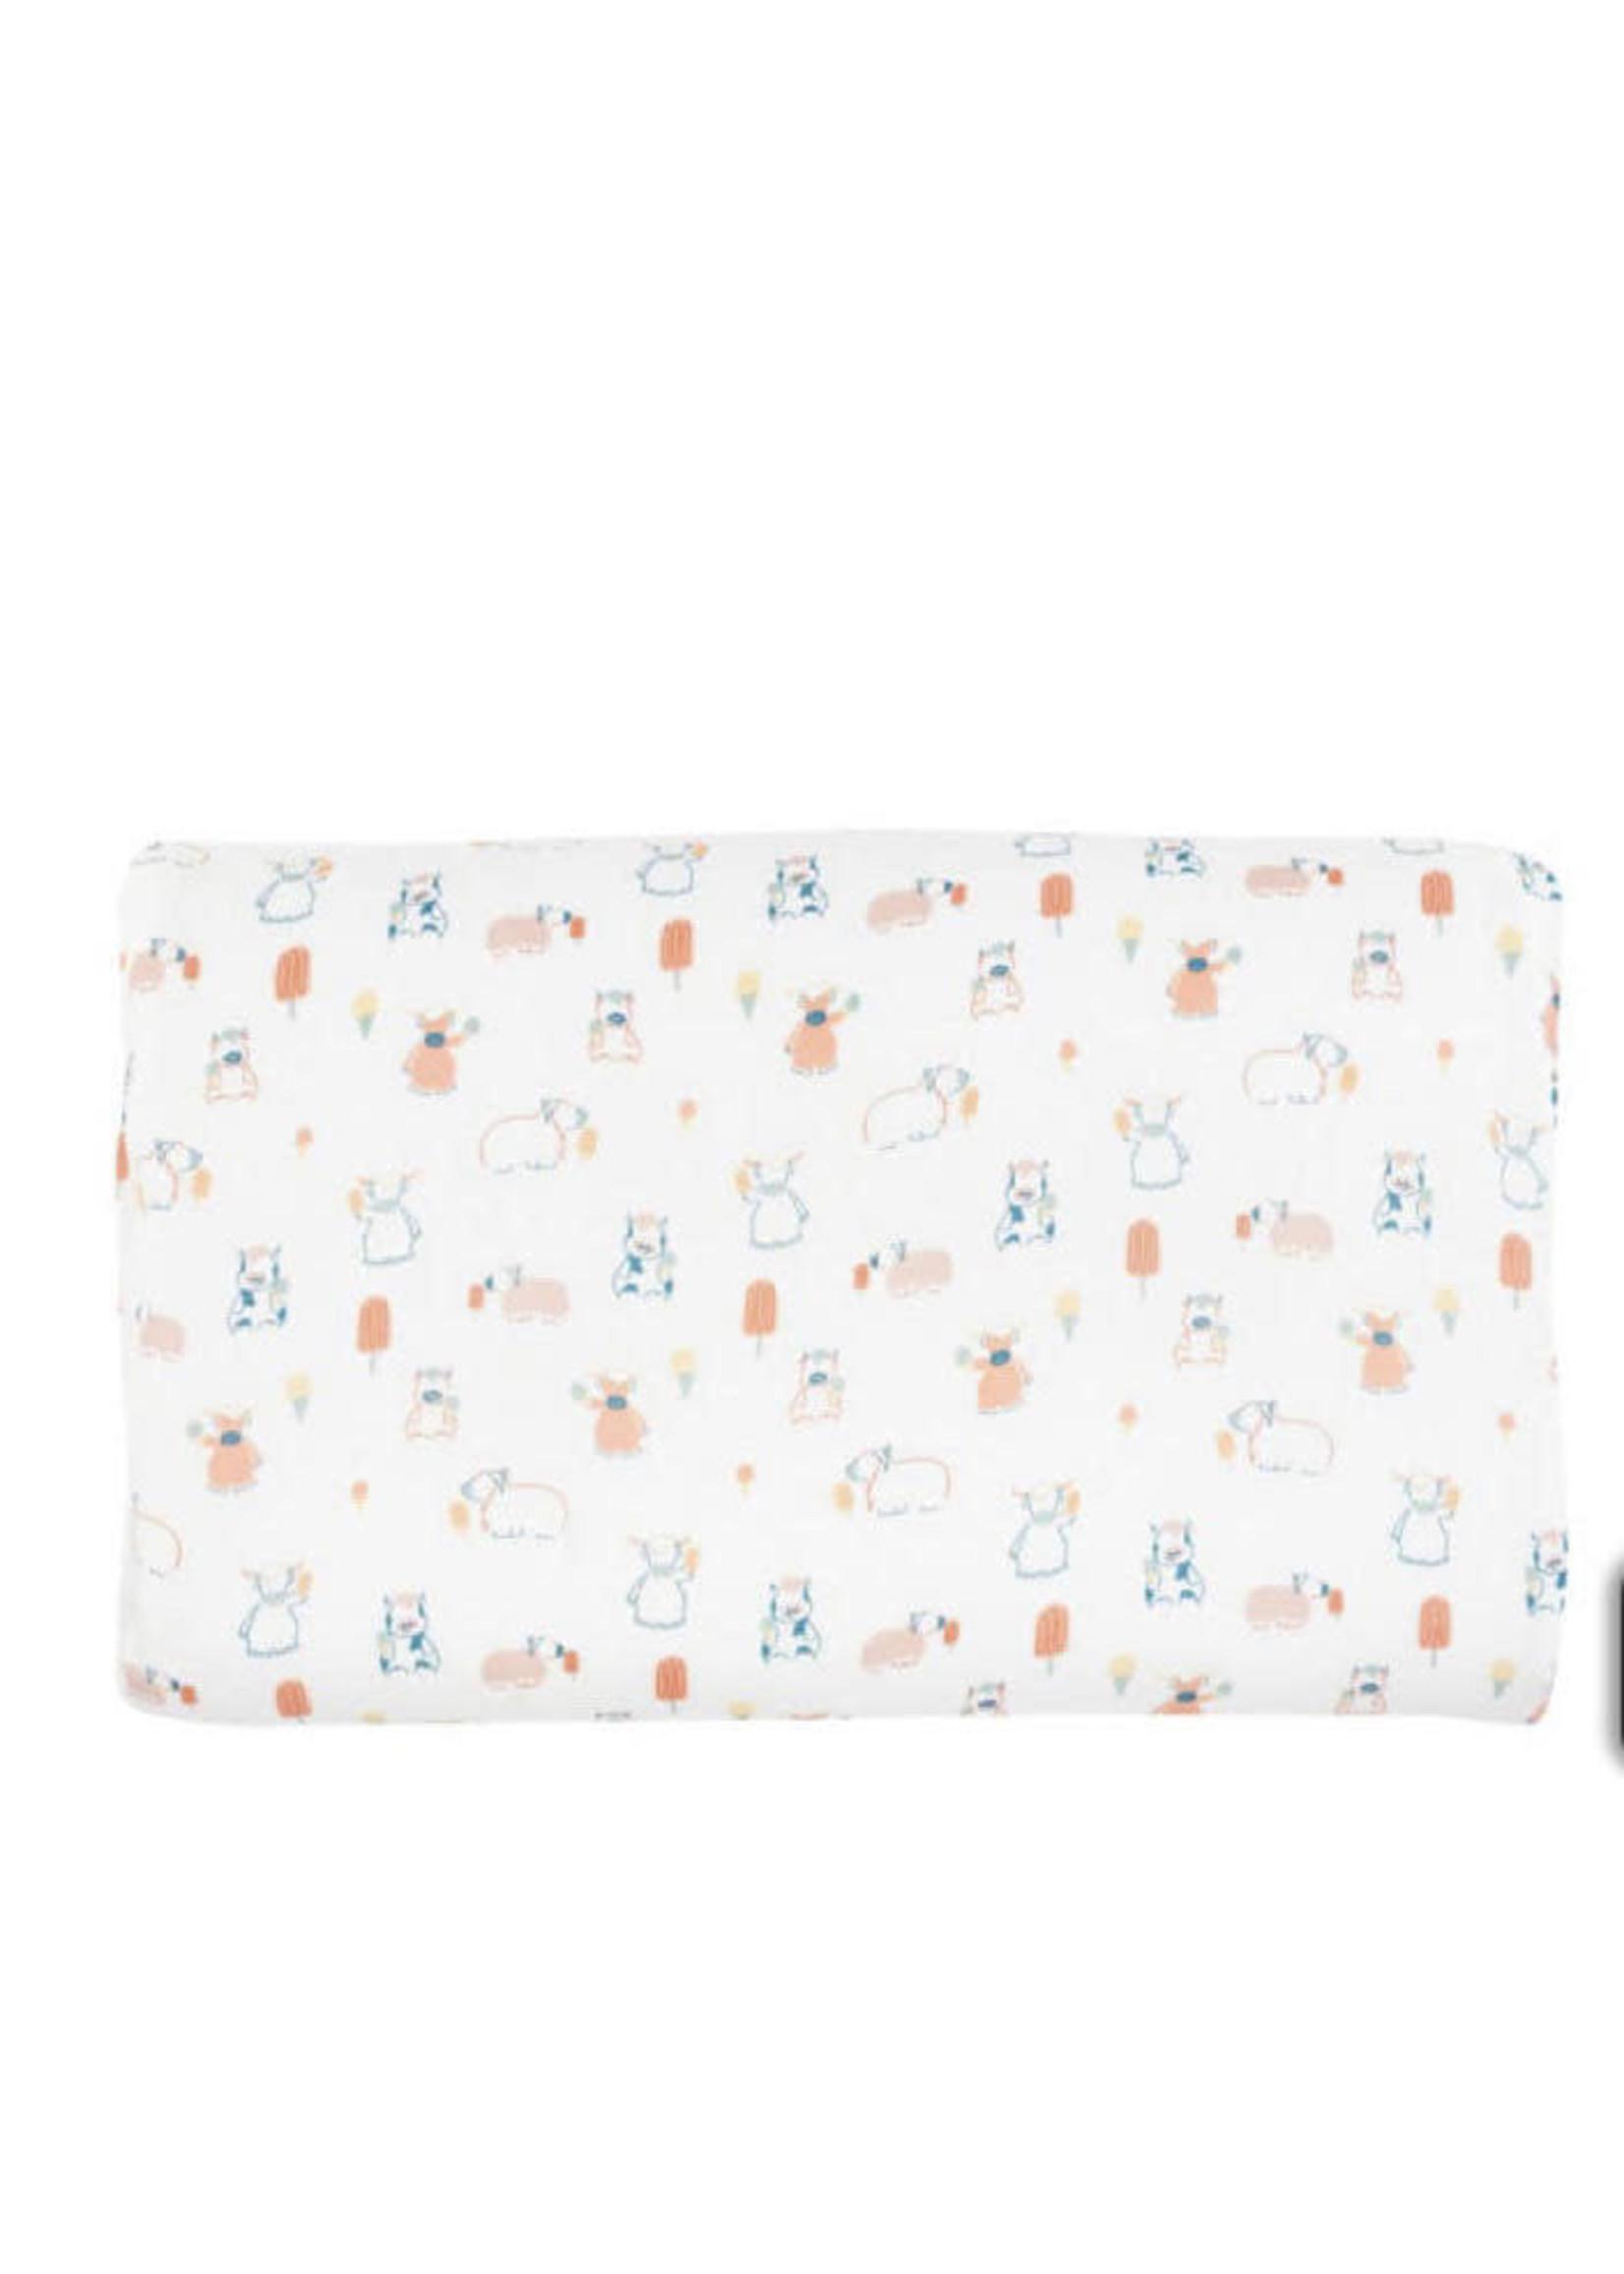 Nest Design ND Toddler Pillow (Summer Graze)